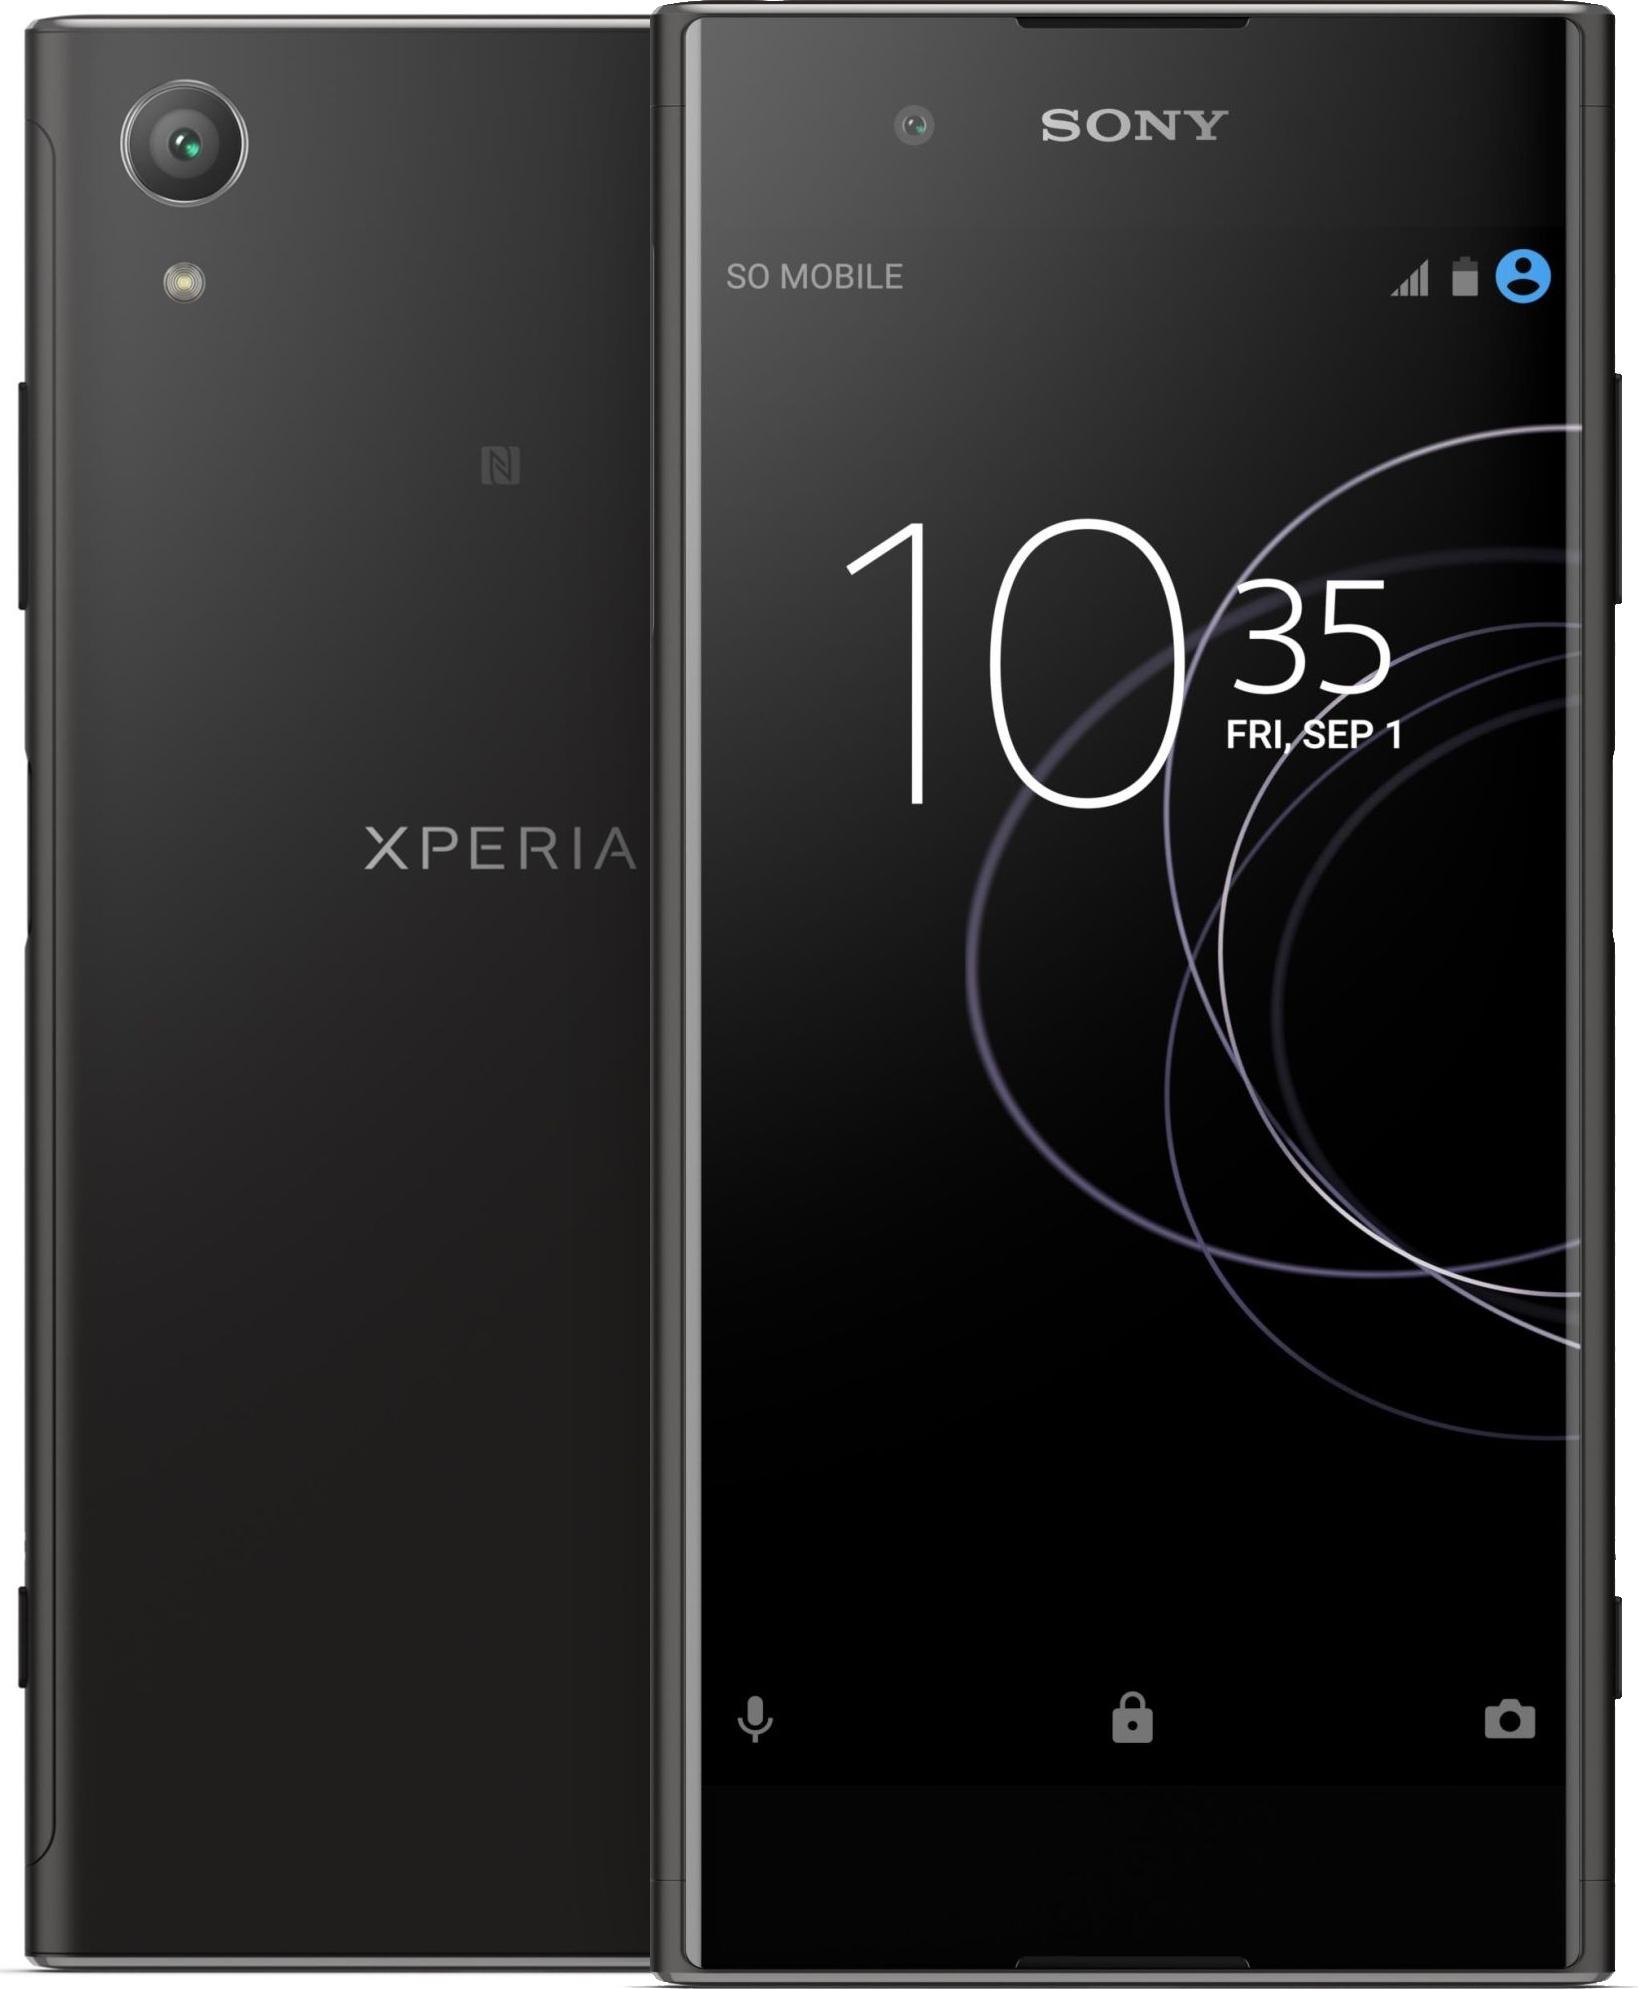 Mobile phones and smartphones: Samsung, Huawei, Apple - Smartech ee